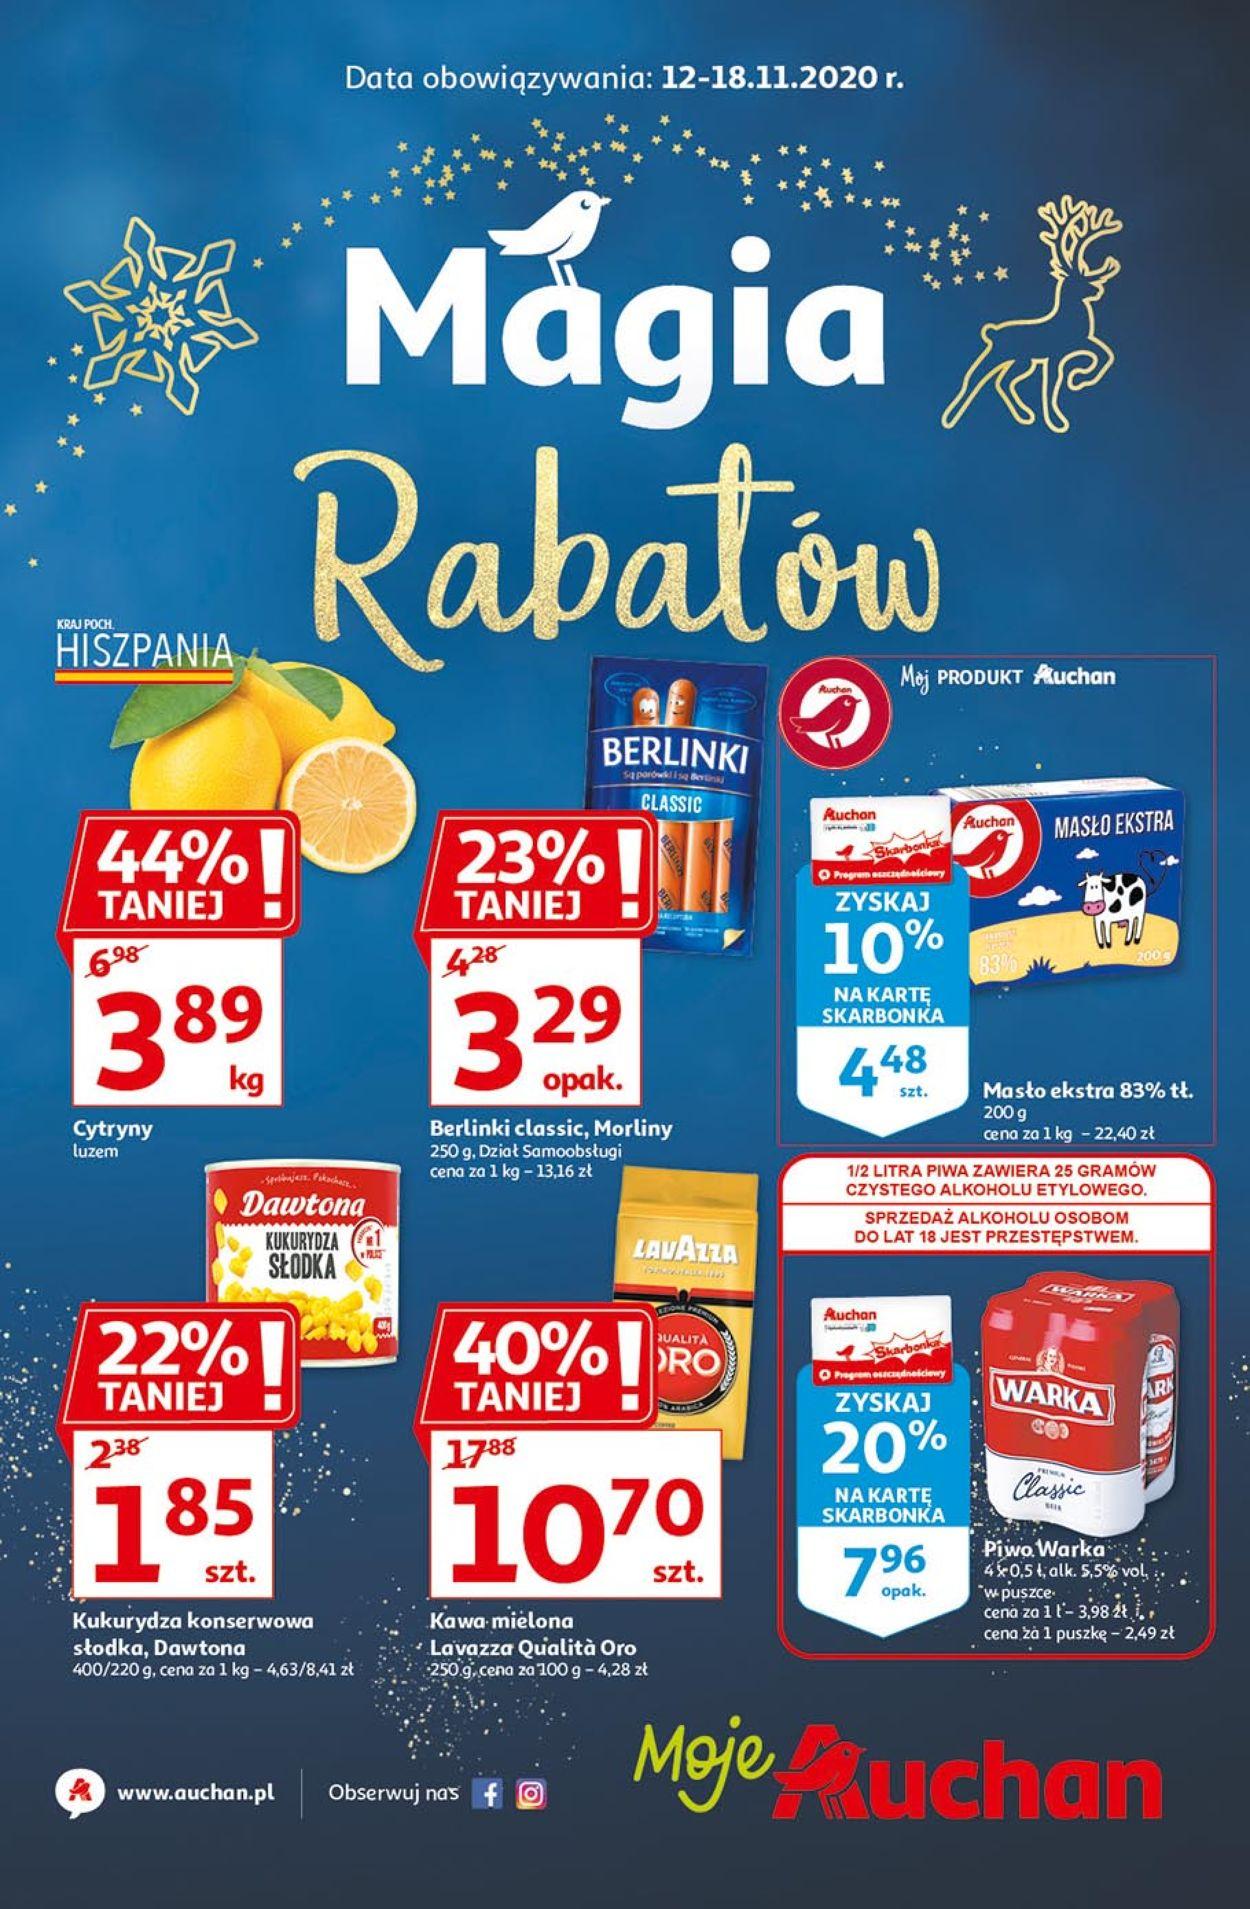 Gazetka promocyjna Auchan - 12.11-18.11.2020